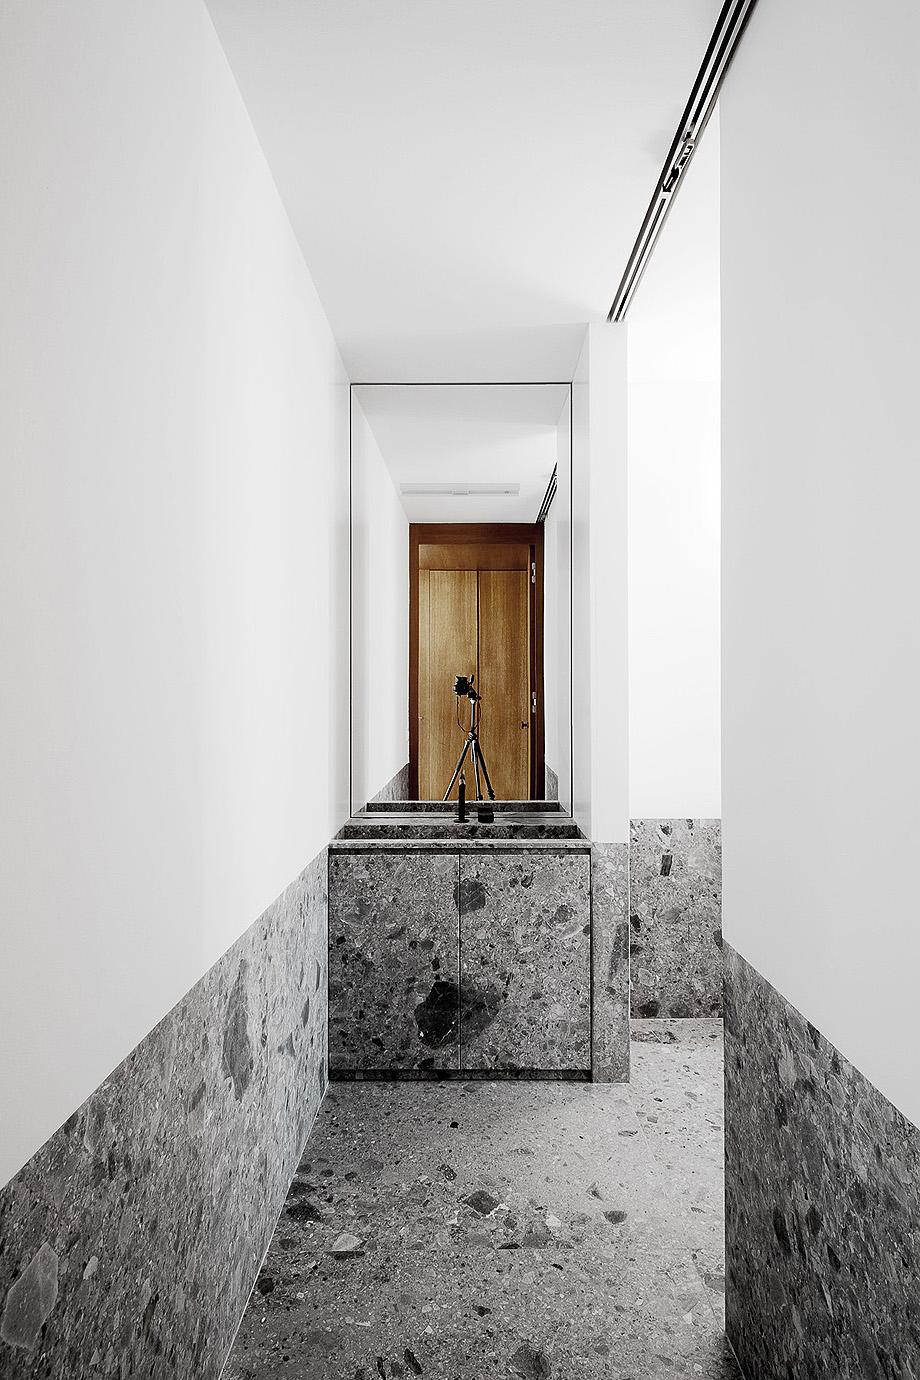 apartamento p-420 de nicolas dorval-bory - foto francesco rioda (6)